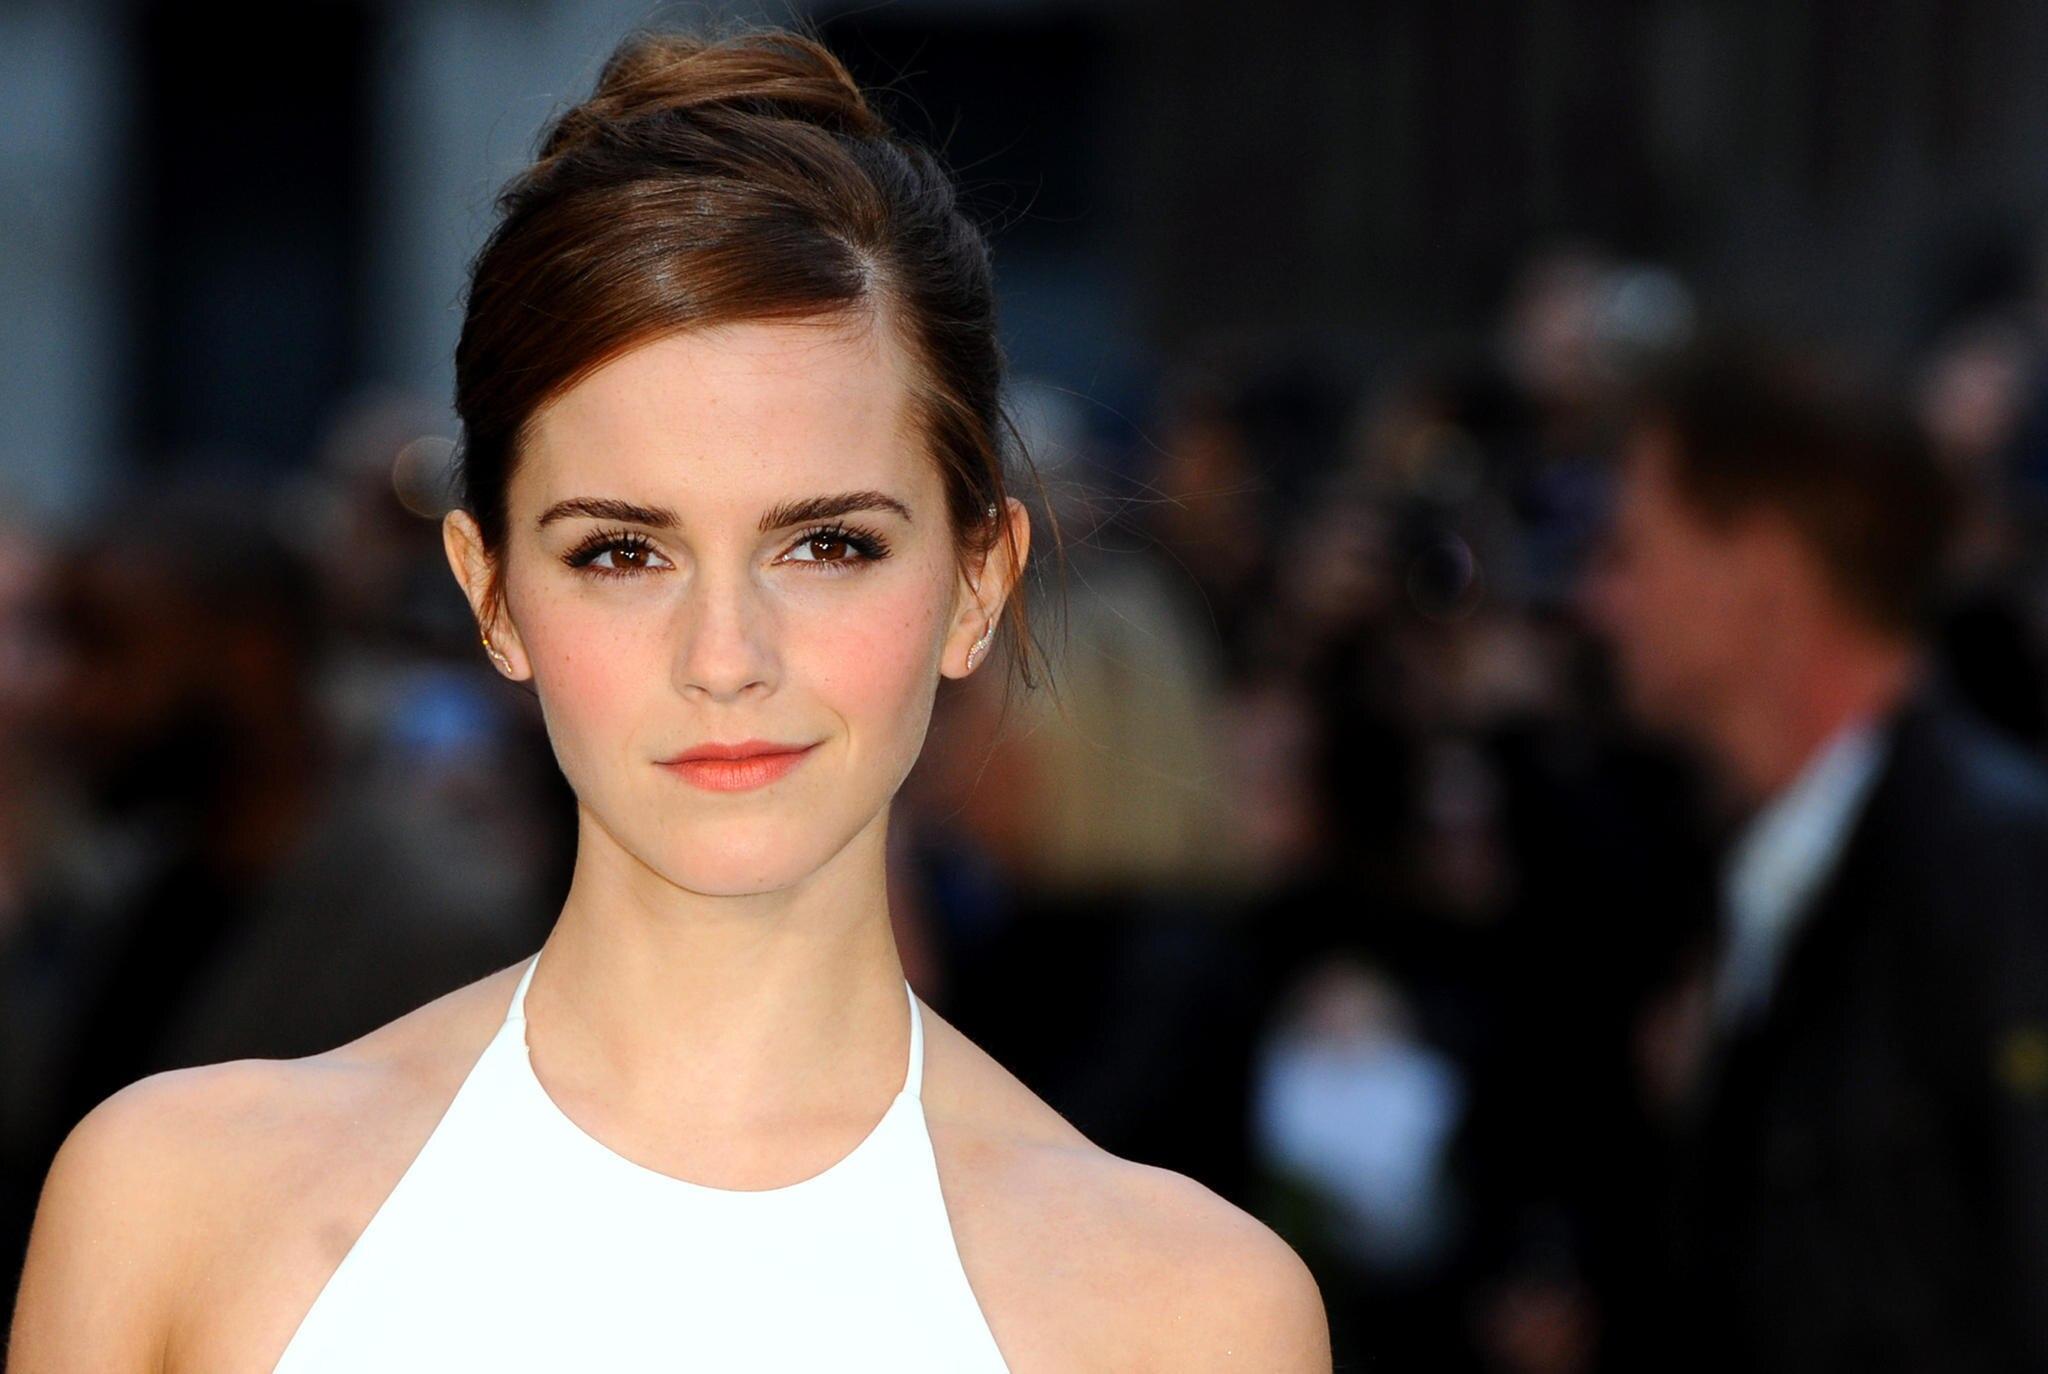 Die Briten sehen in Emma Watson eine 007-Agentin